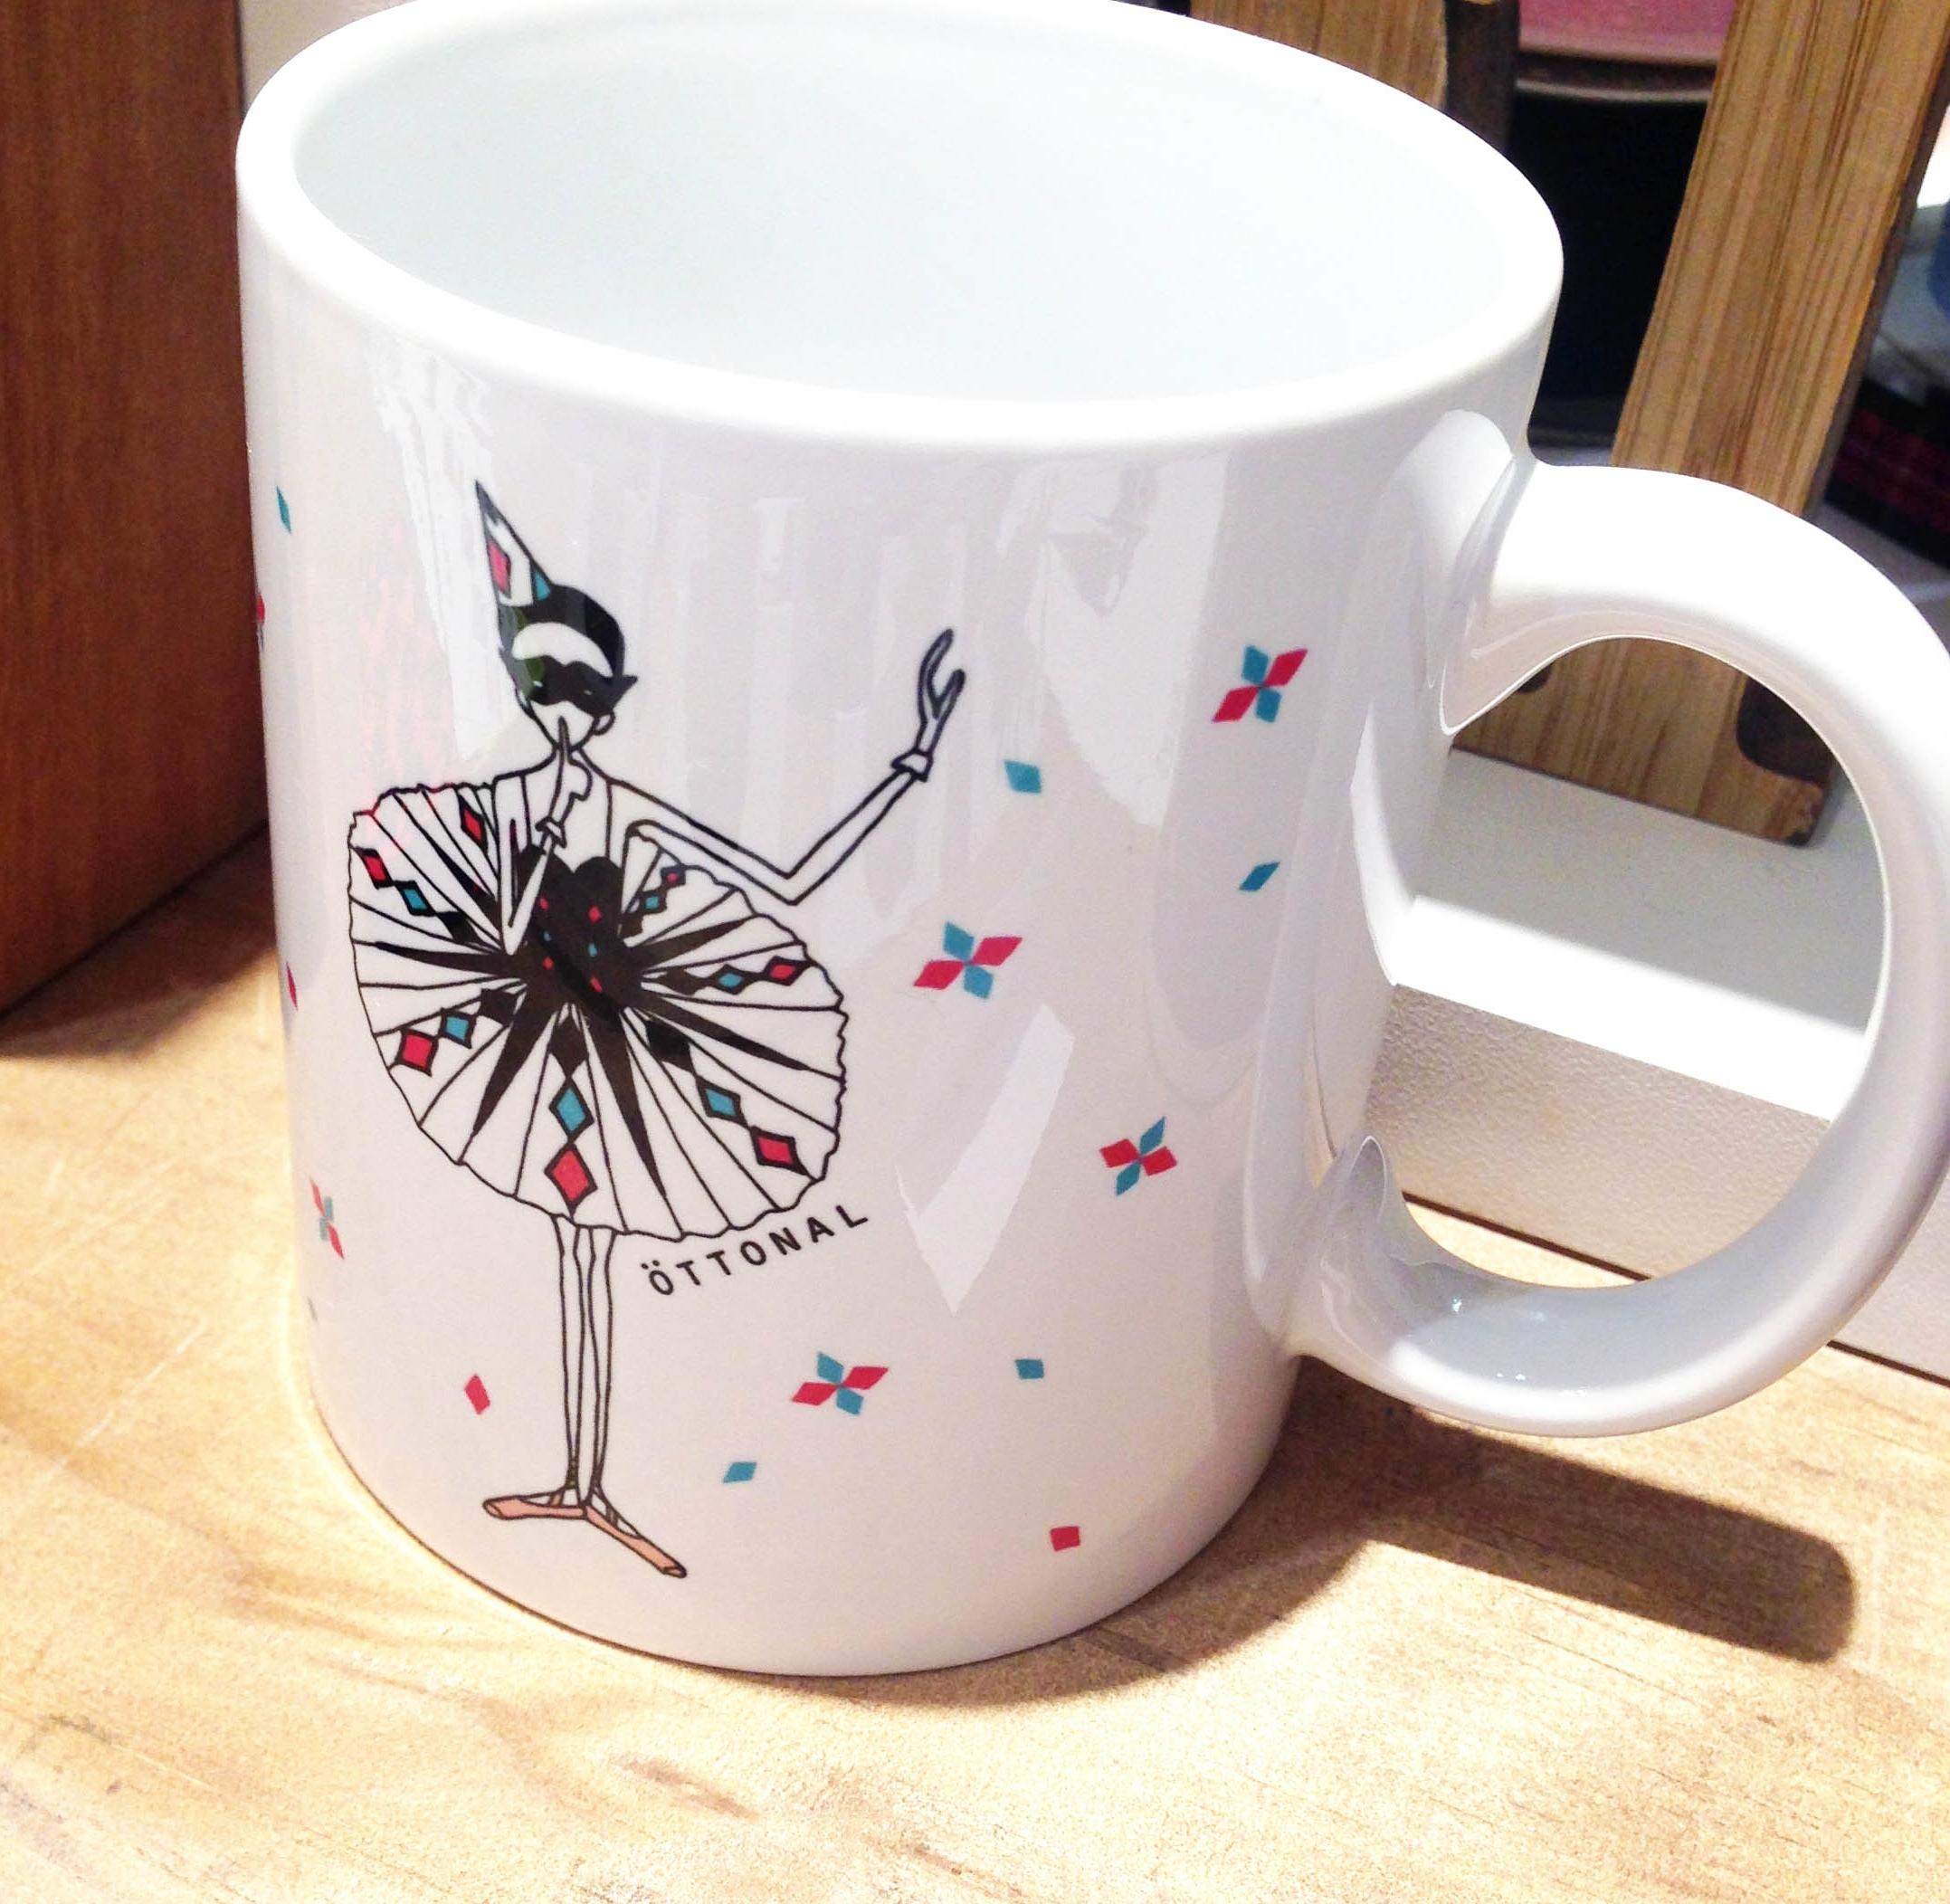 アレルキナーダ マグカップ - 画像1